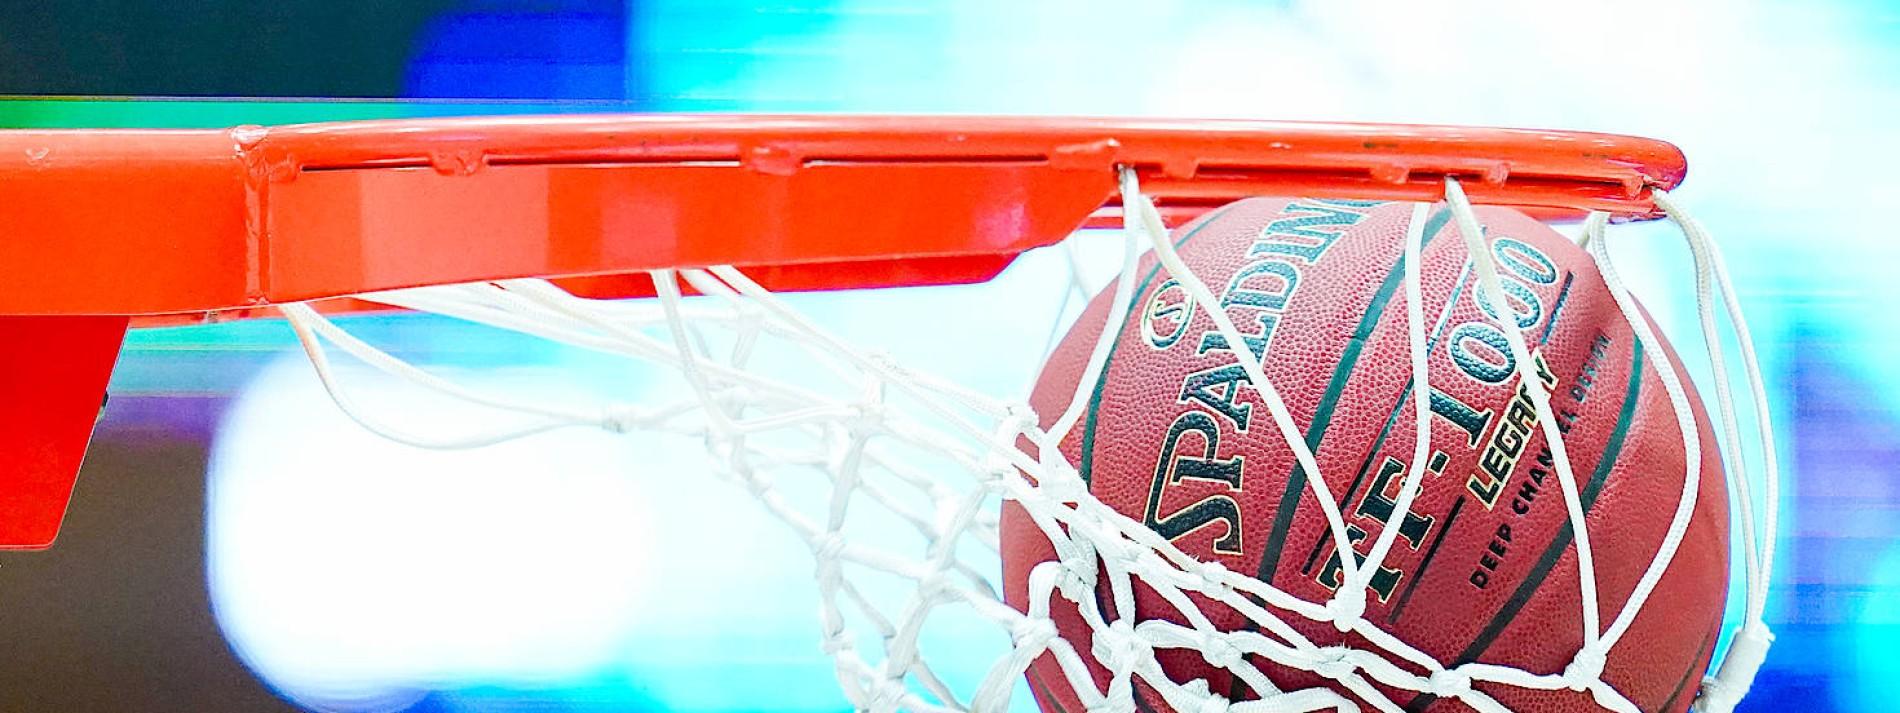 Basketball-Bundesliga will mit zehn Klubs weiterspielen